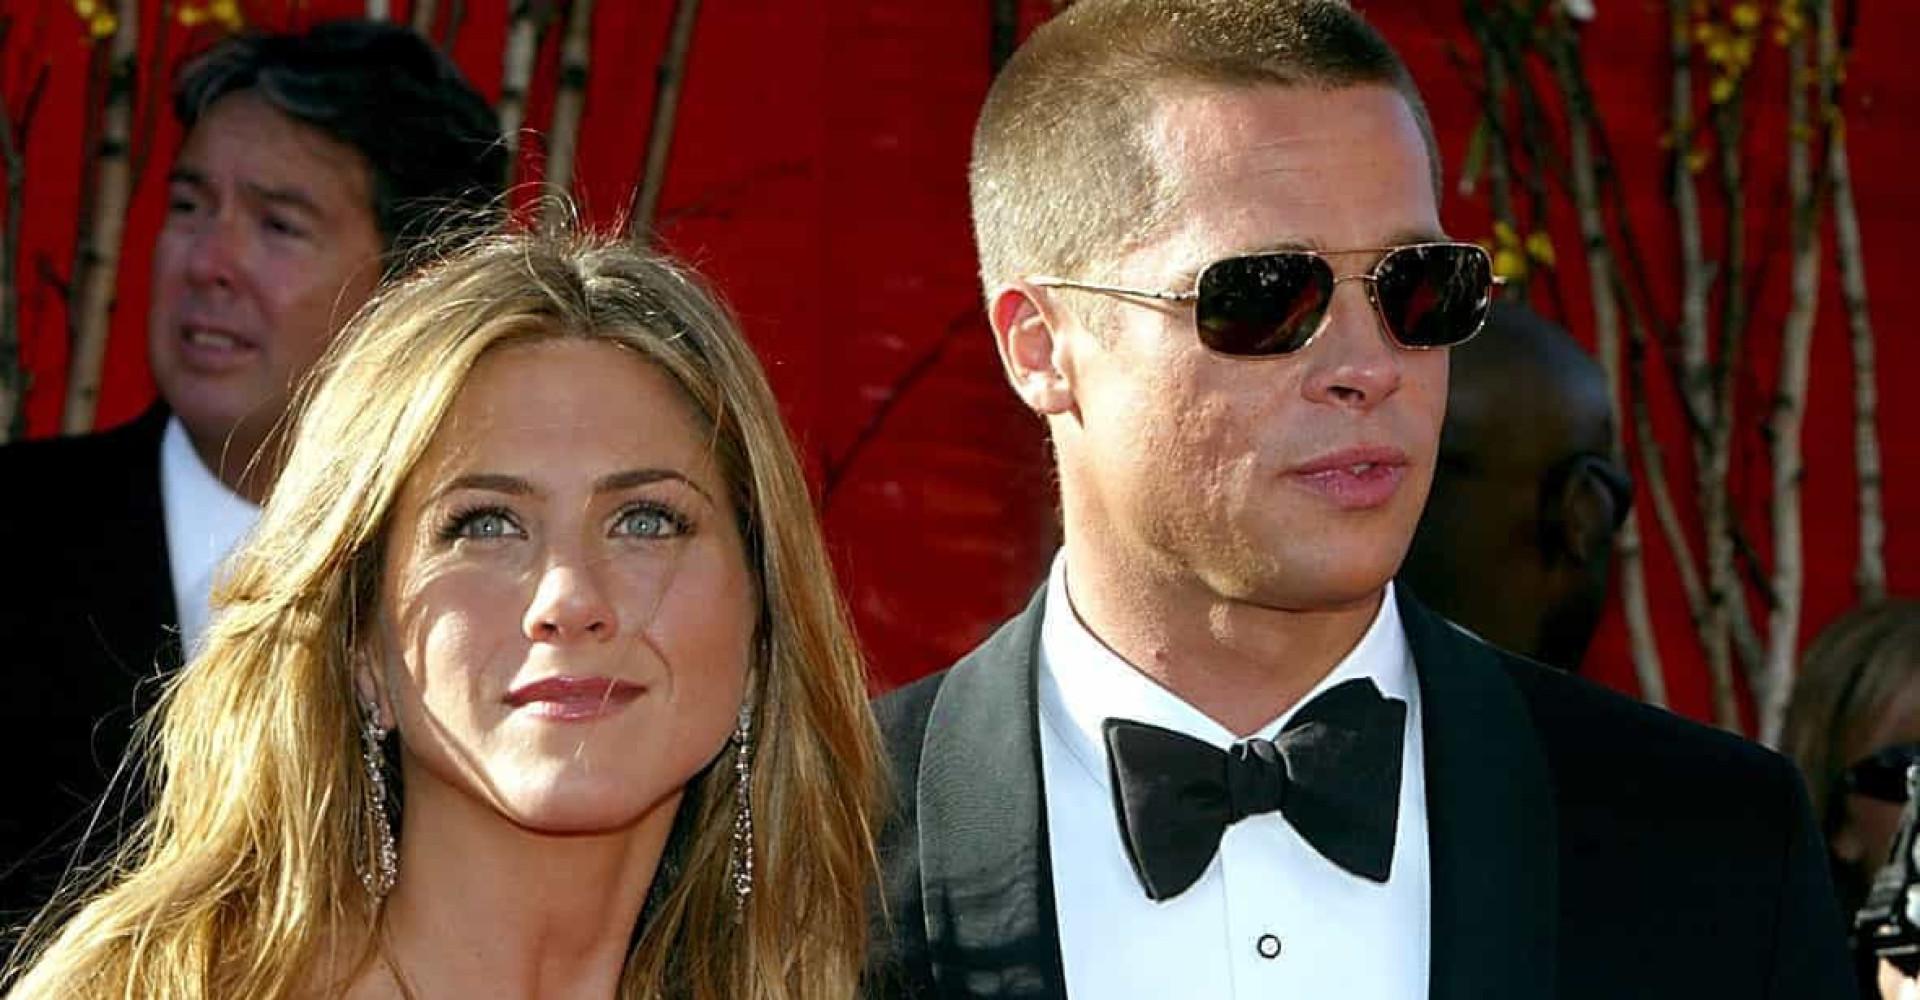 Descubra quem era o casal mais popular no ano que você nasceu!